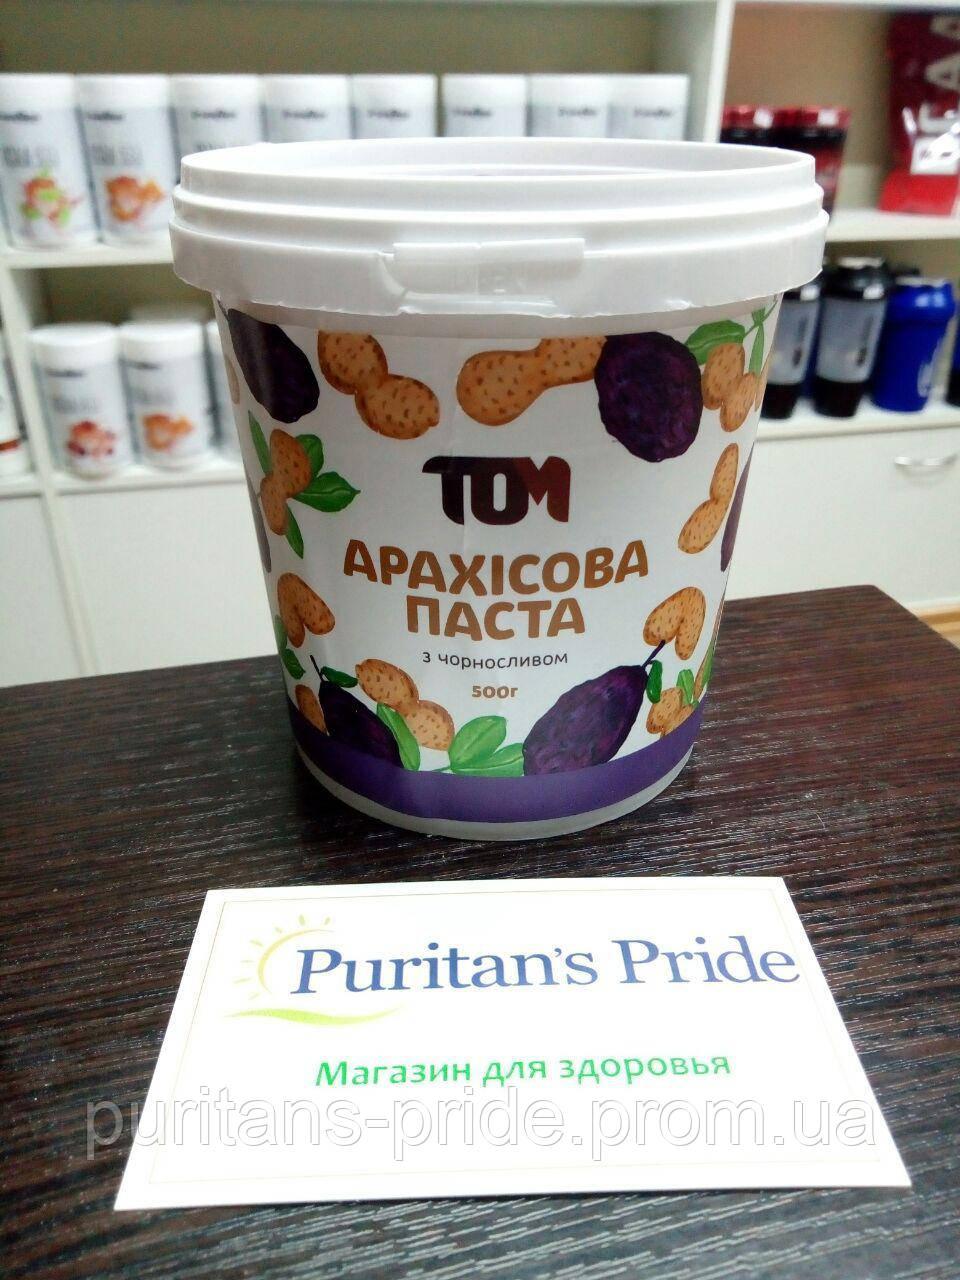 ТОМ Арахисовая паста с черносливом 500 г